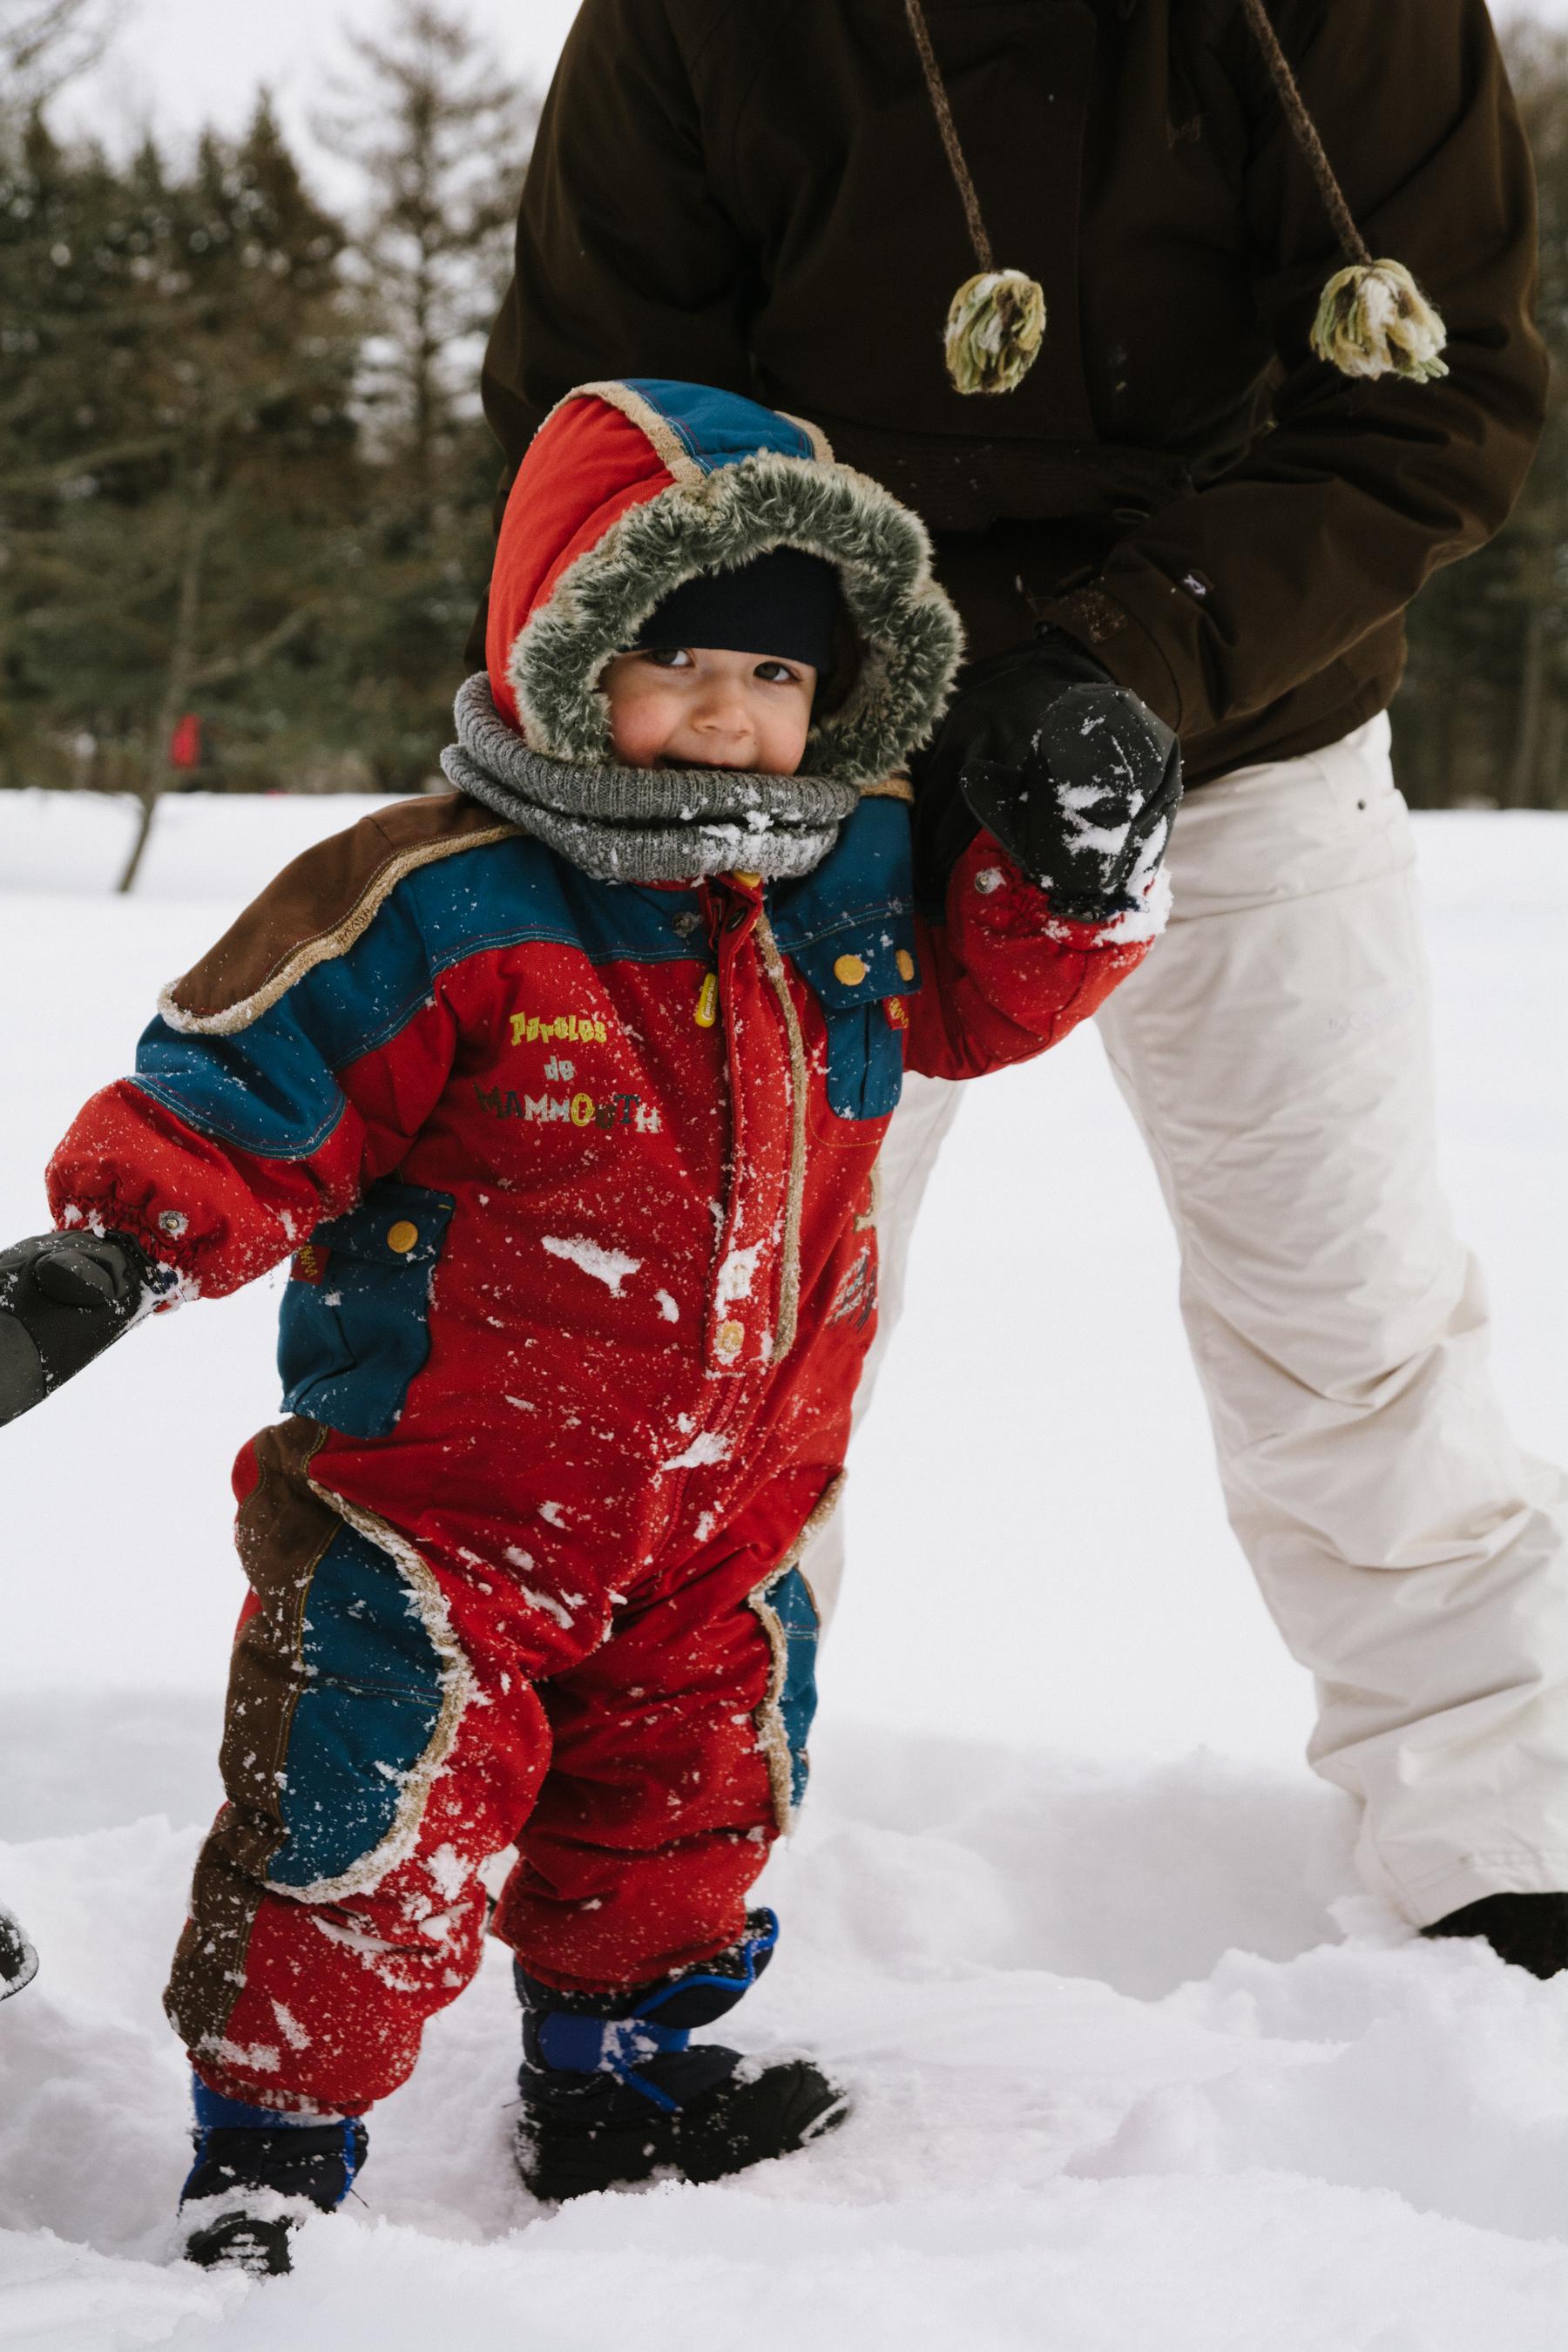 photo-d-un-enfant-en-habit-de-neige-debout-dans-la-neige-l-hiver-a-montreal-photographe-enfant-famille-montreal.jpg